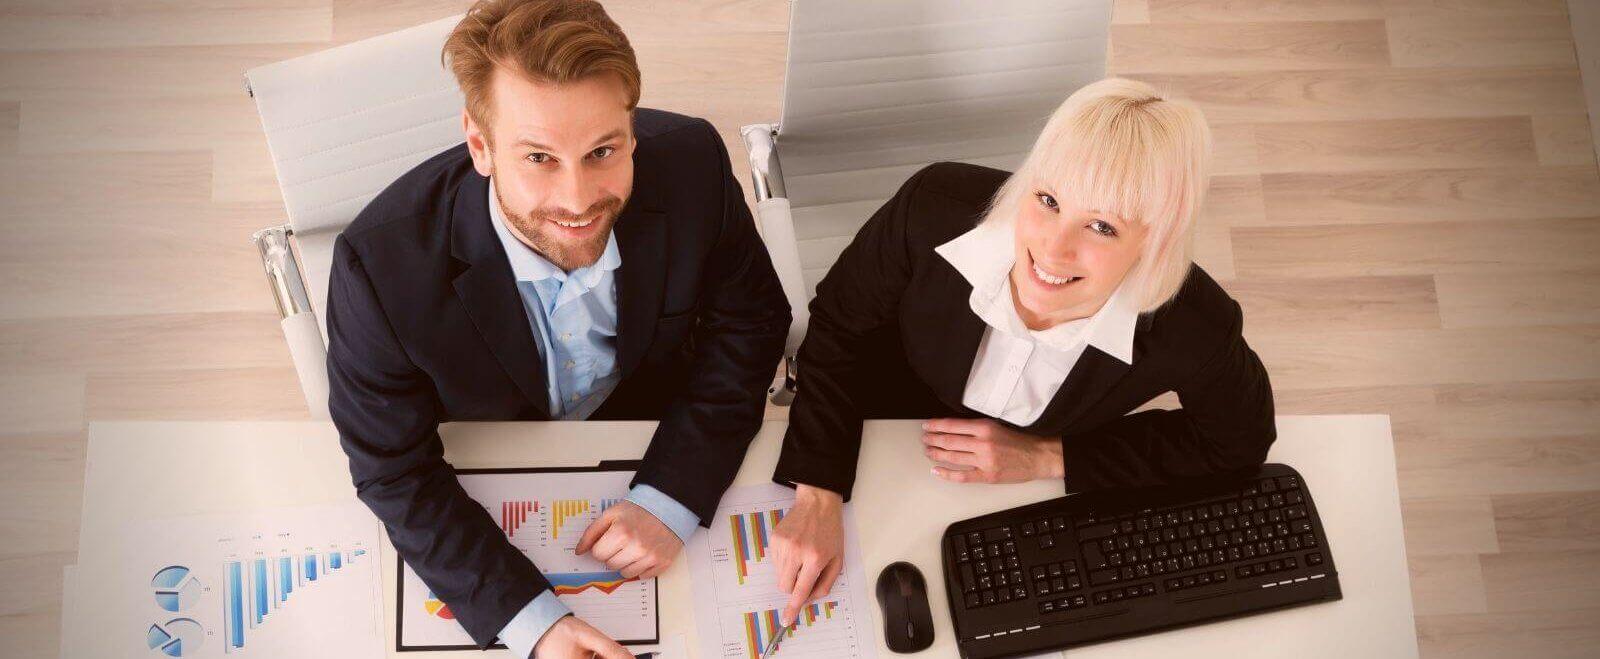 Neue Beratungsfelder für Steuerkanzleien: KMU als Zielgruppe